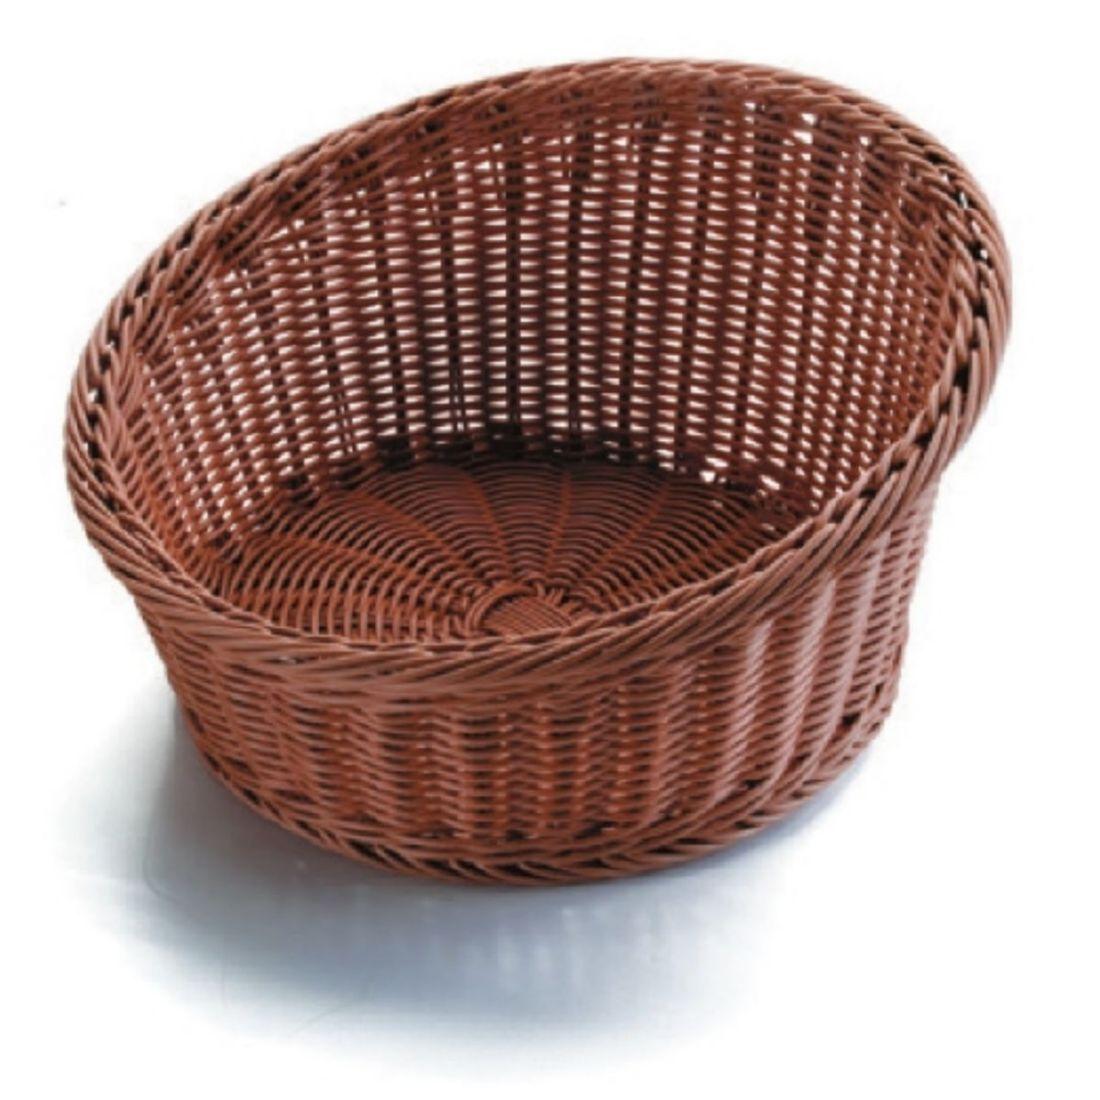 Košík na pečivo polypropylen - otevřený, tmavý